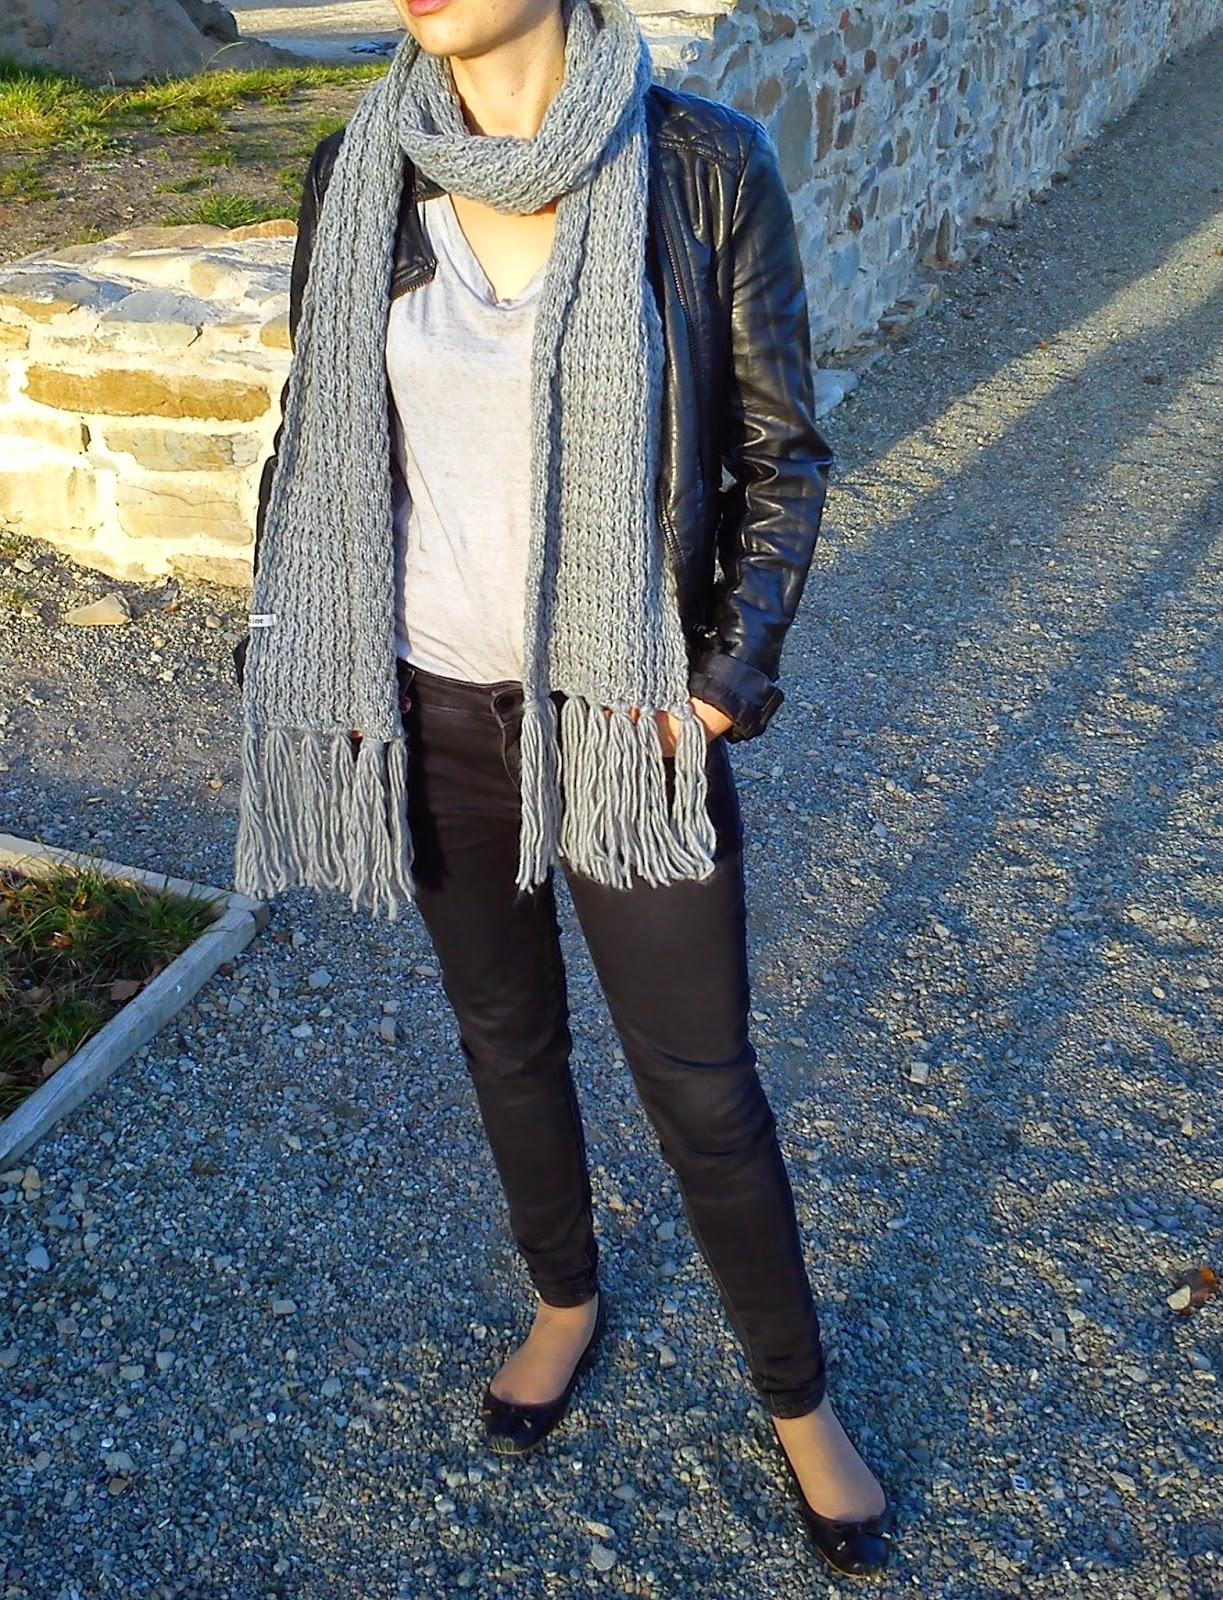 http://noszepolskie.blogspot.com/2014/11/takiej-jesieni-juz-nie-bedzie.html